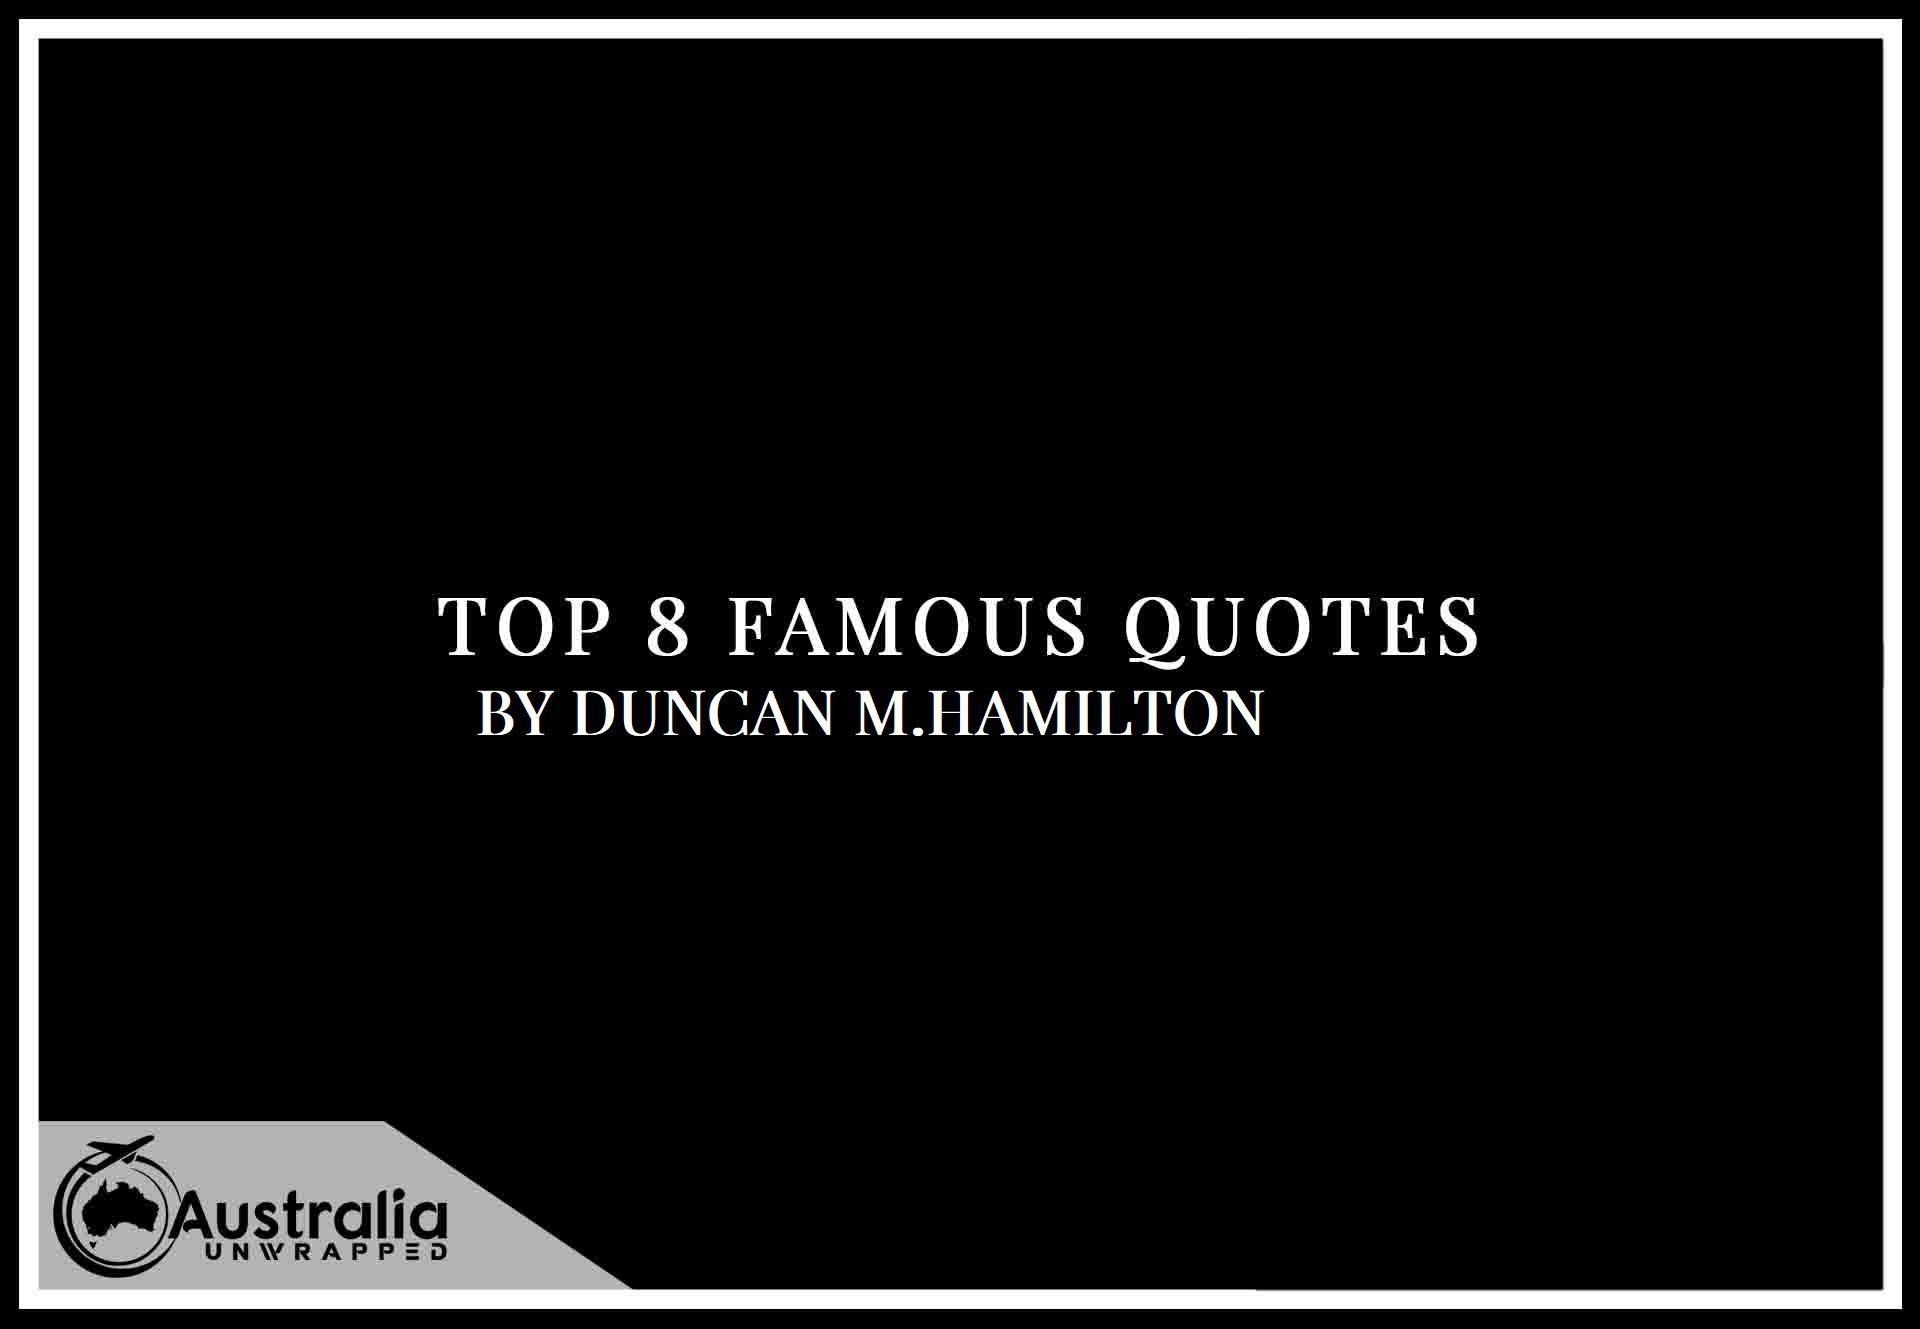 Top 8 Famous Quotes by Author Duncan M. Hamilton